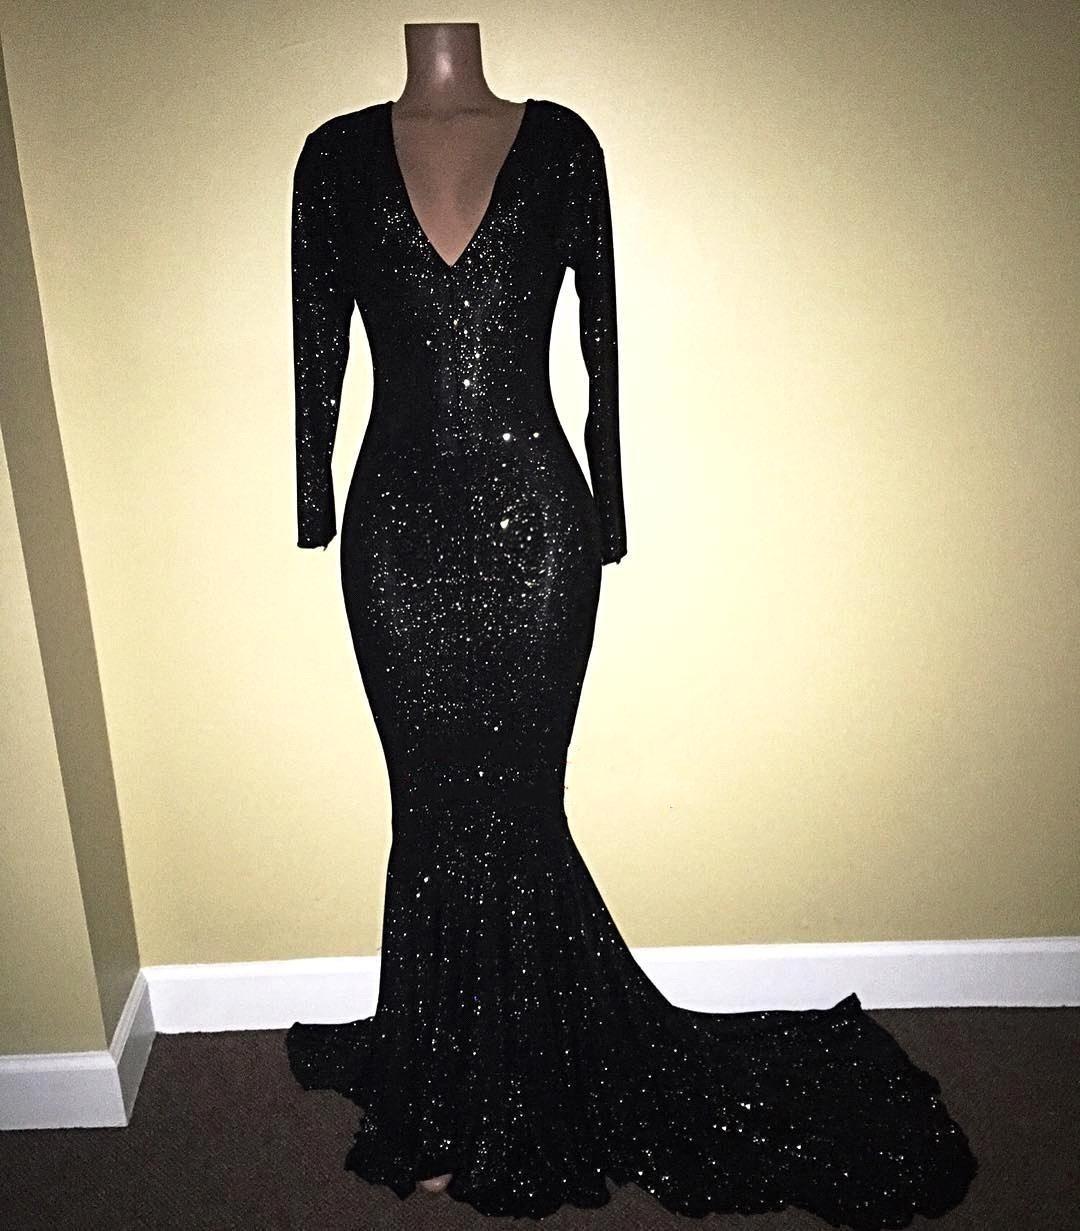 2018 блестками платья глубокий V-образным вырезом с длинным рукавом платья выпускного вечера Blin Bling Русалка Swwep поезд вечерние платья ME012